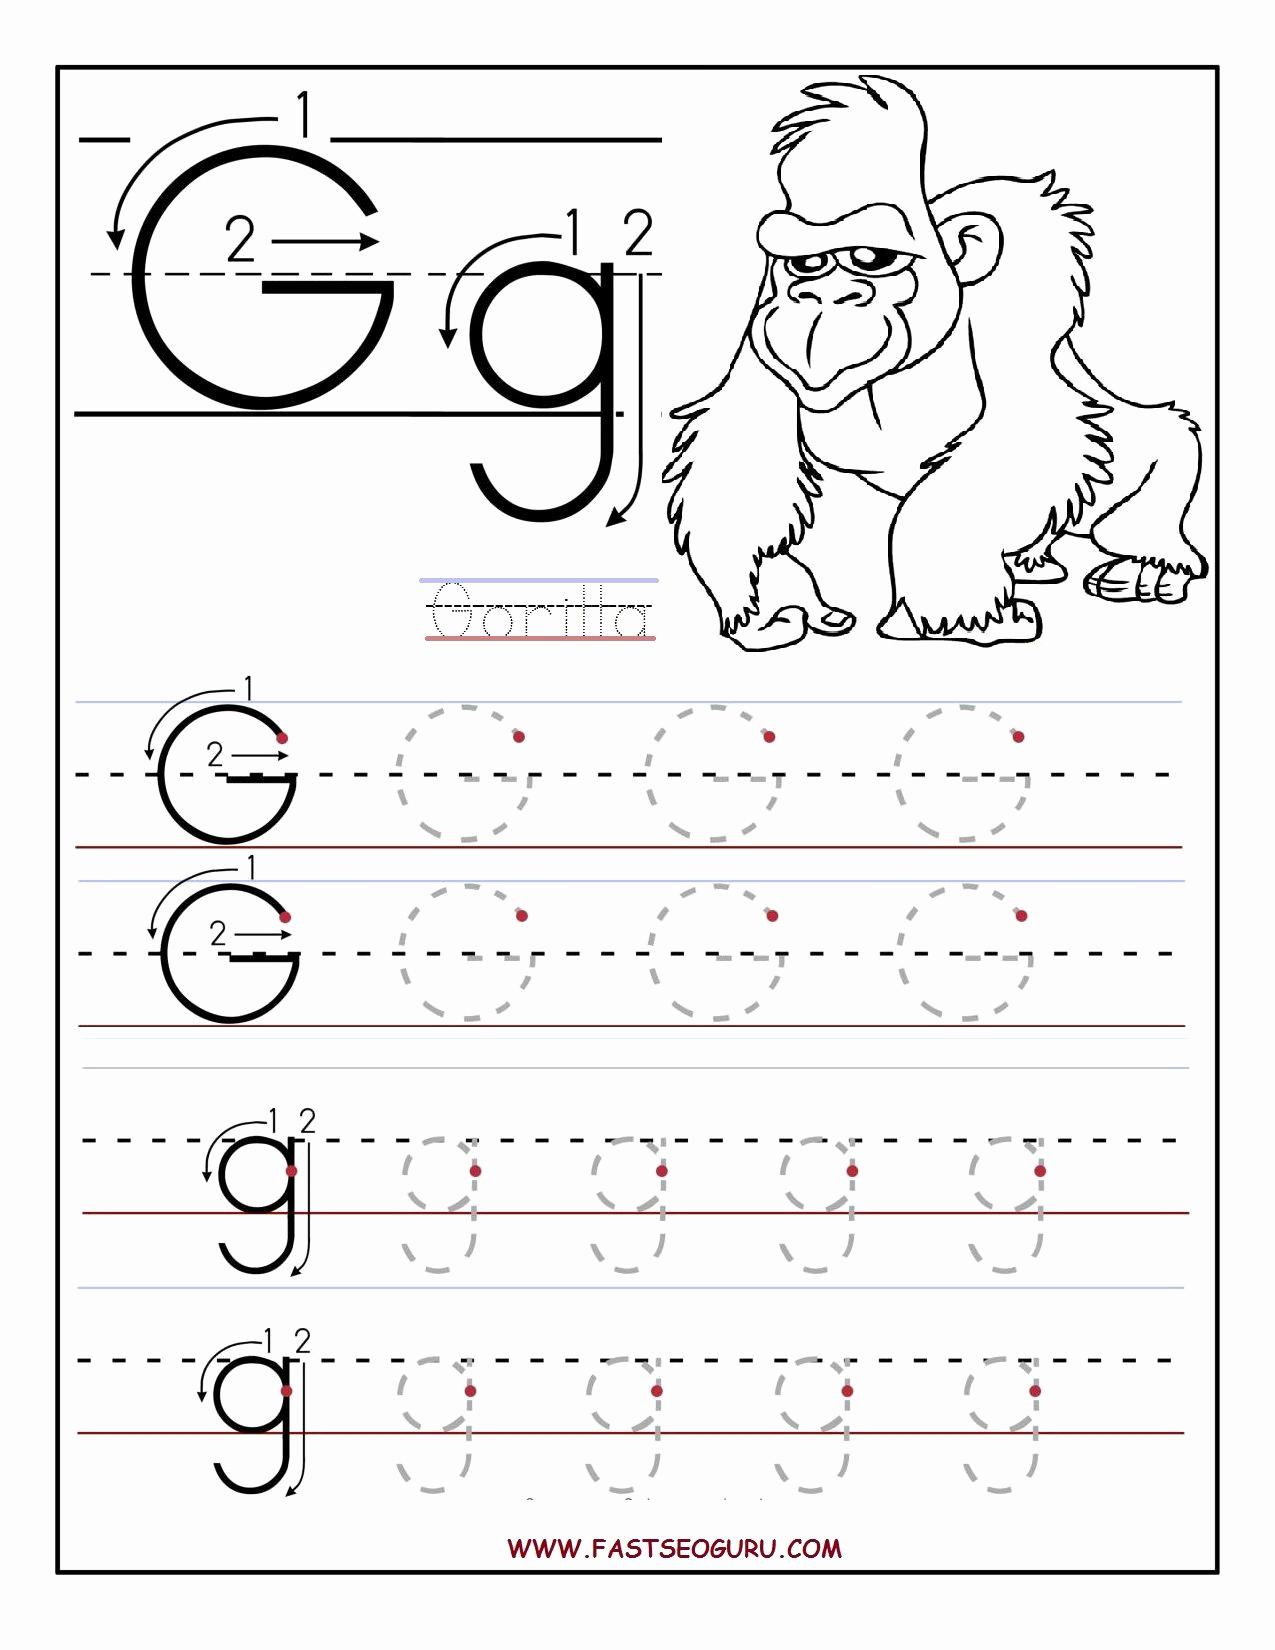 G Worksheets for Preschool Unique Alphabet G Worksheets